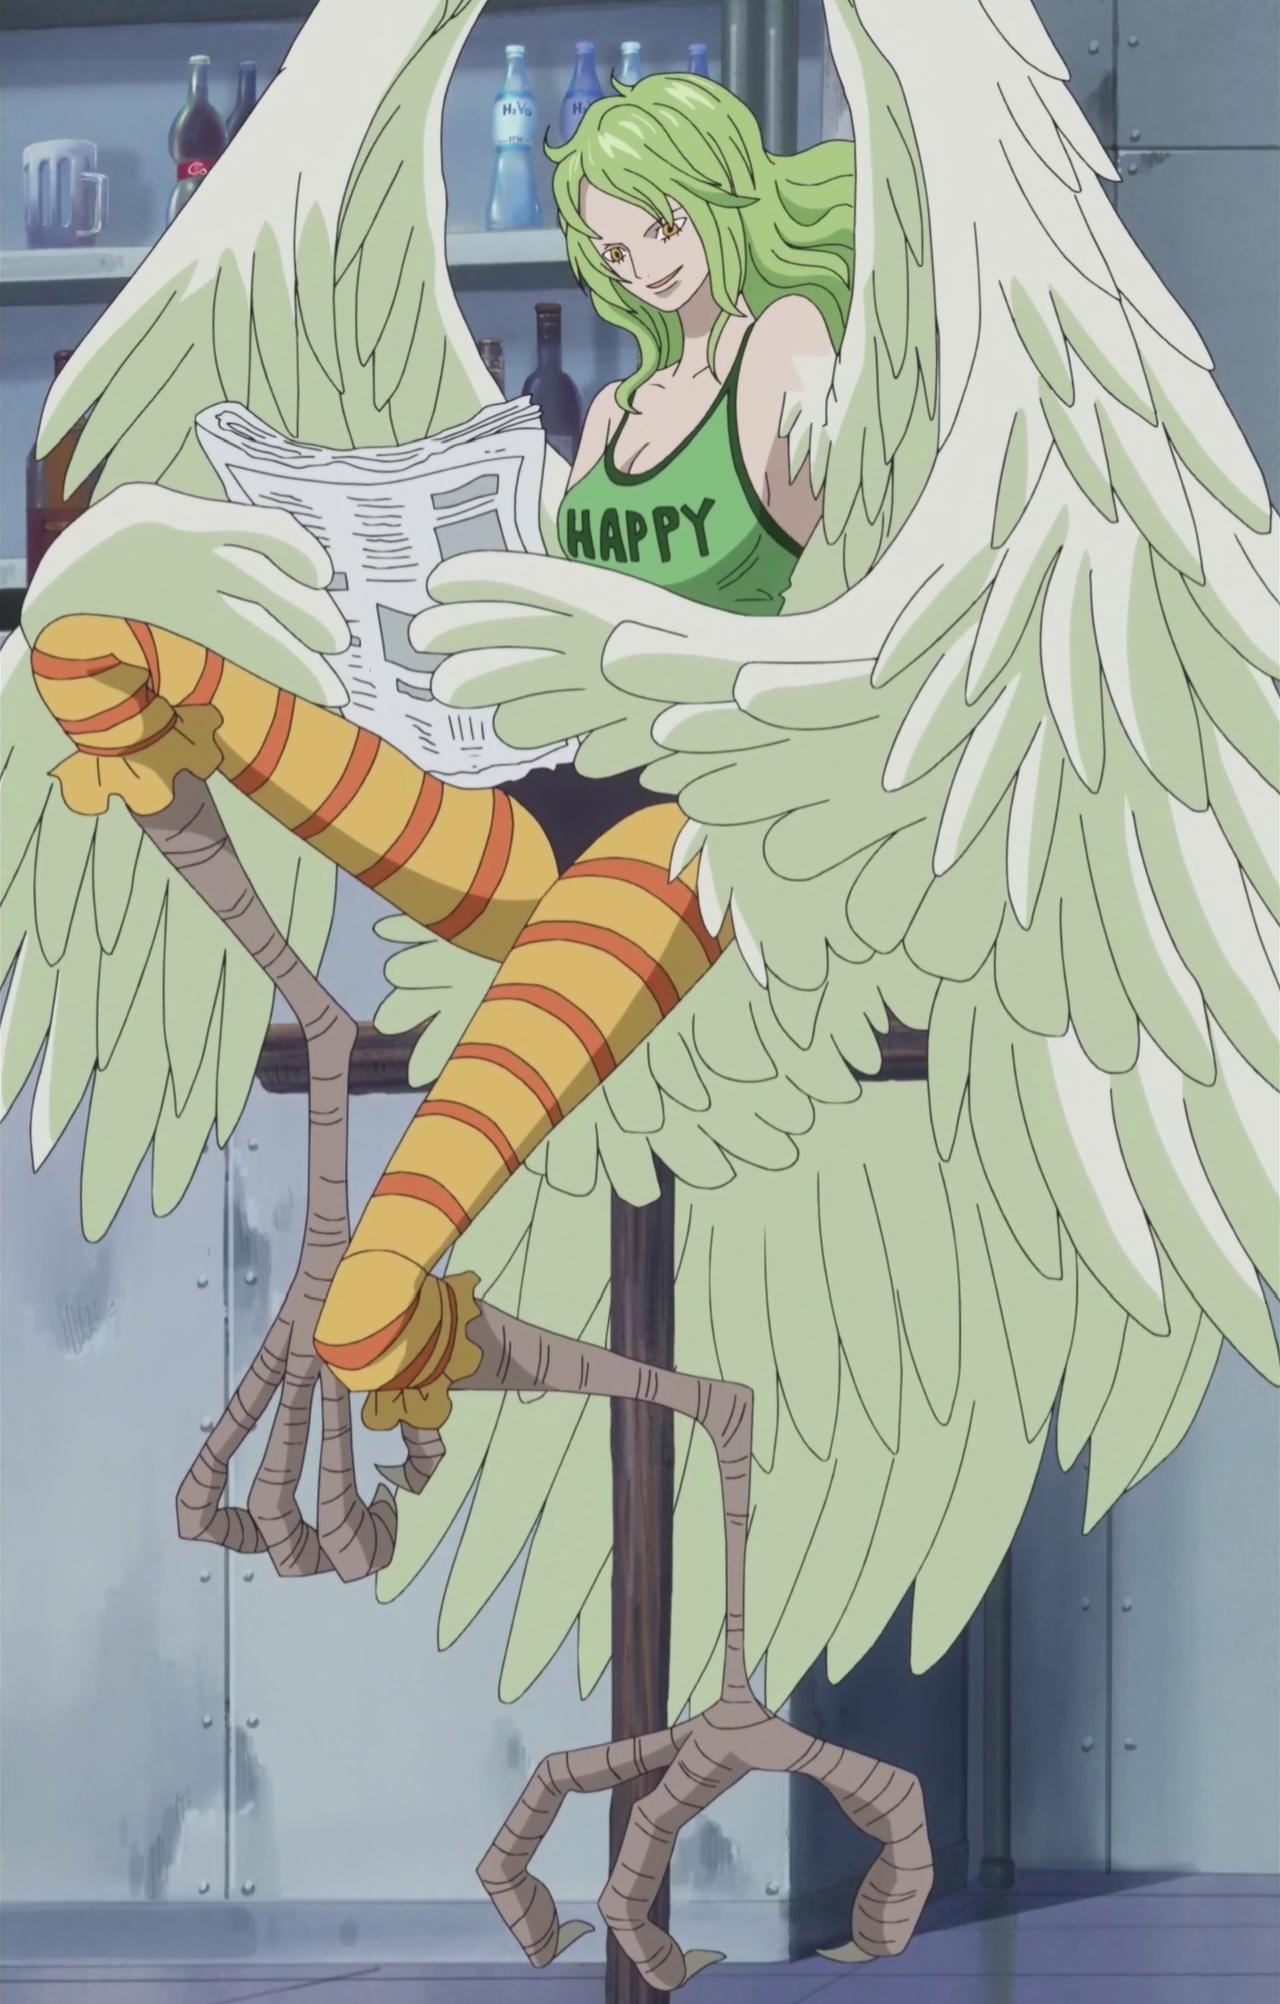 Monet   One Piece x Fairy Tail Wiki   FANDOM powered by Wikia